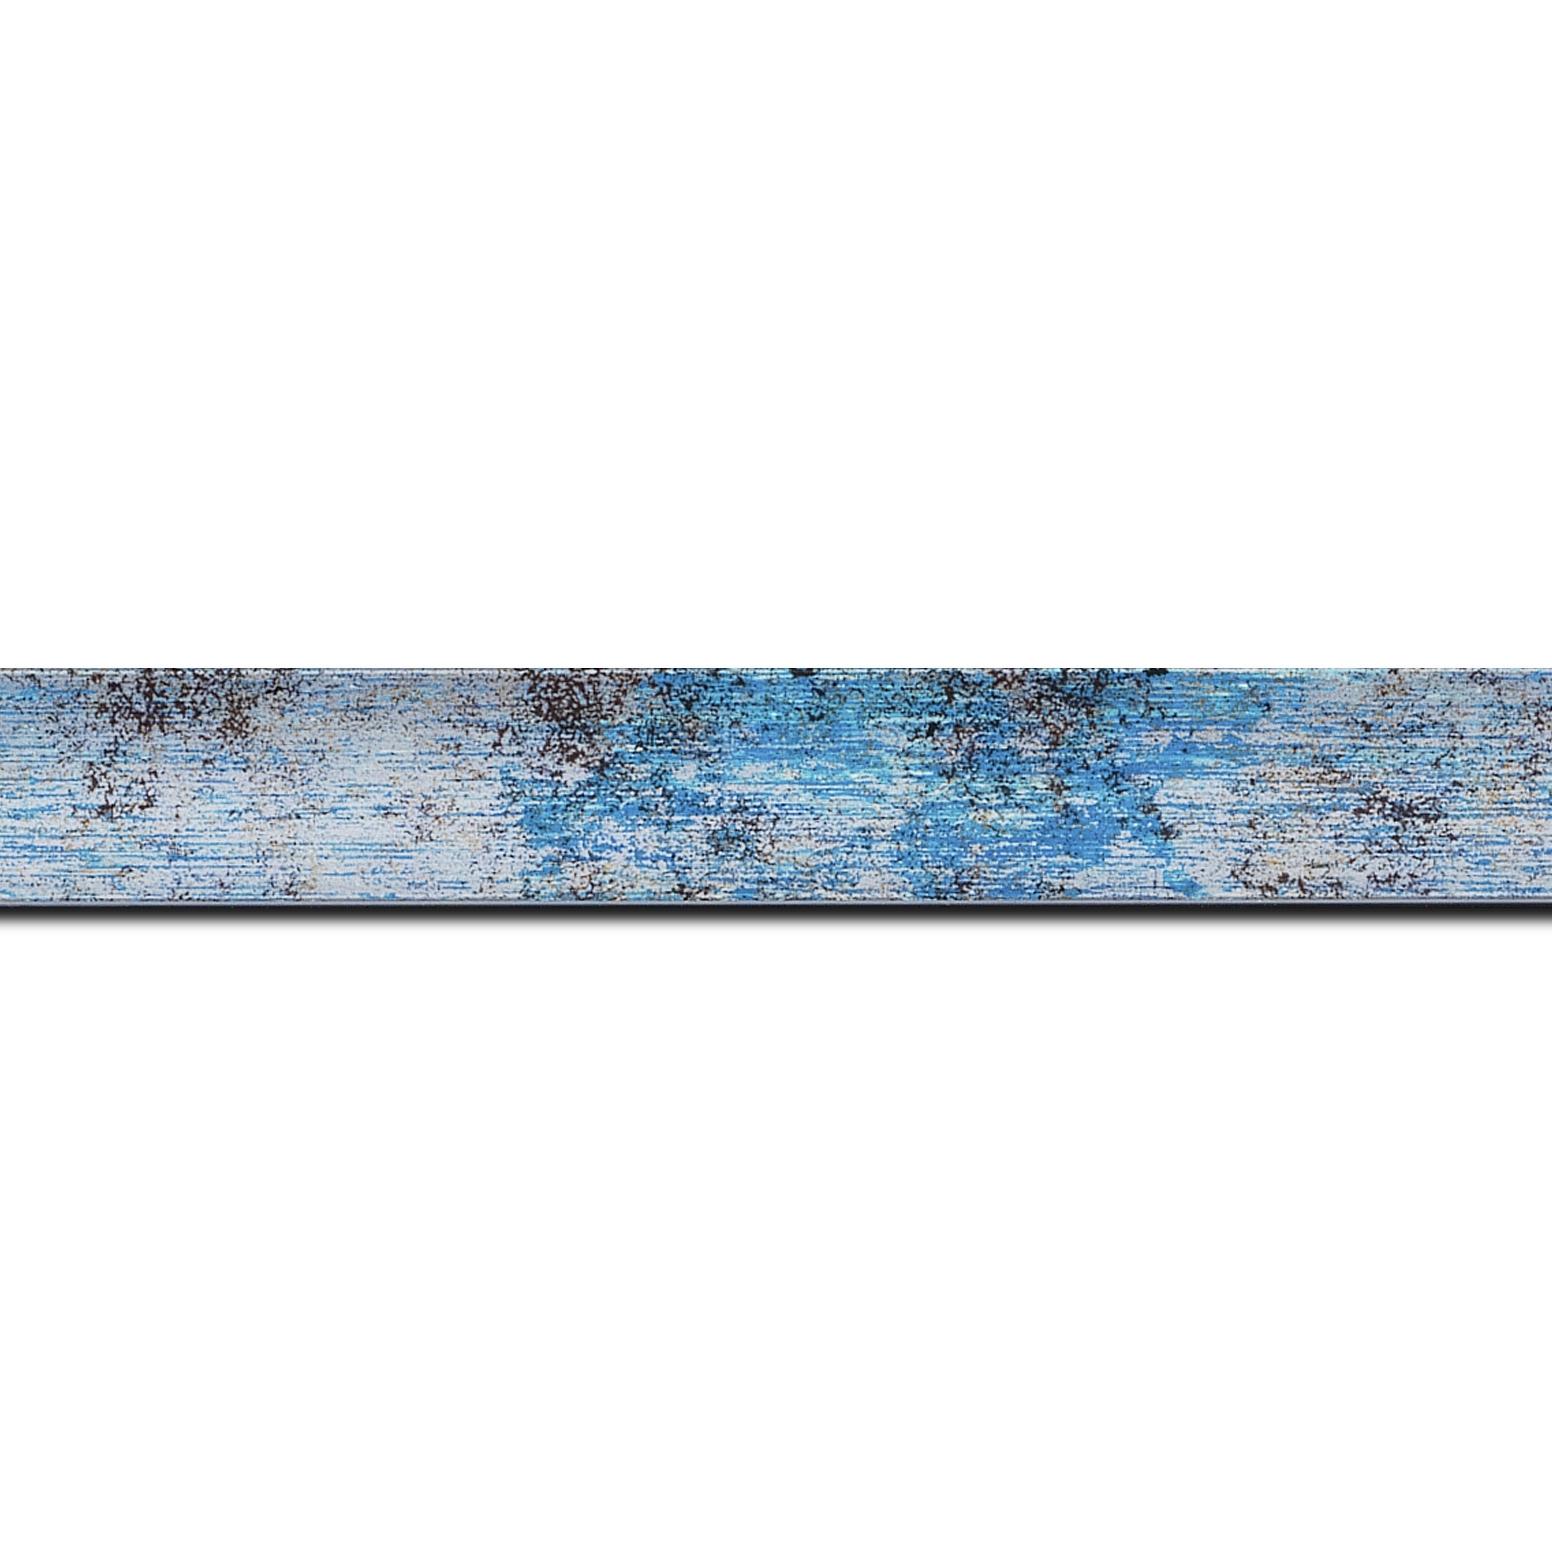 Baguette longueur 1.40m bois profil concave largeur 2.4cm de couleur bleu moucheté fond argent